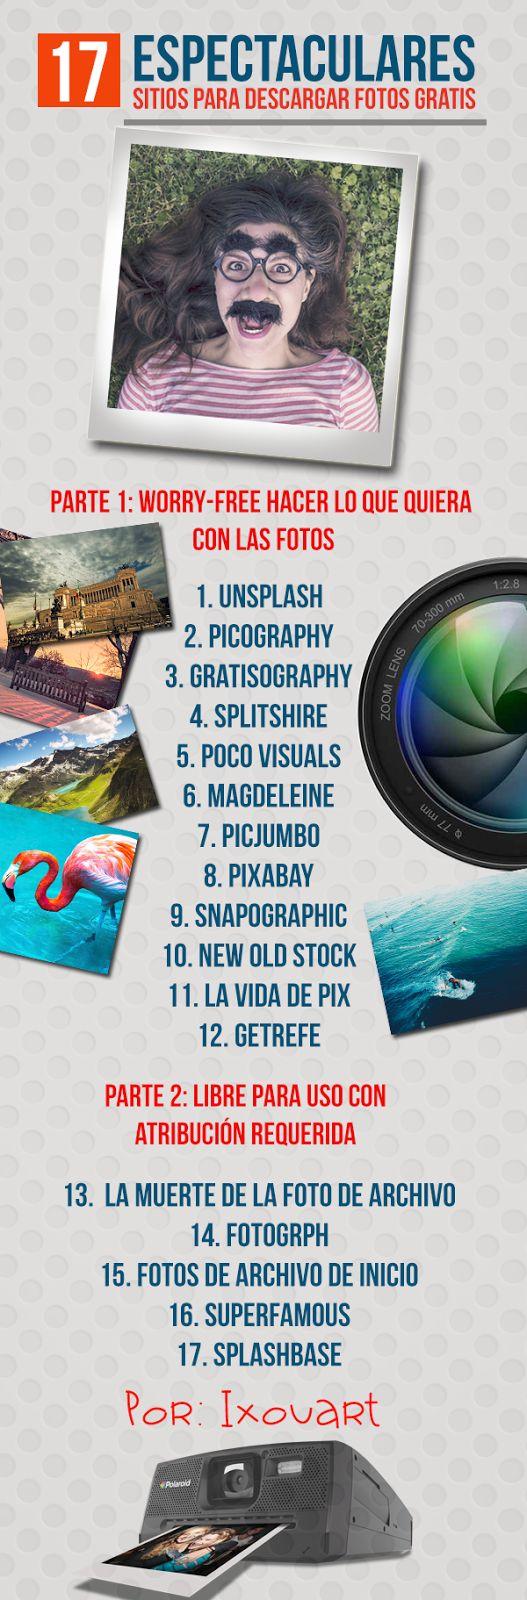 17 espectaculares sitios para descargar Fotos Gratis #infografia #infographic #design vía http://ixousart.blogspot.com.es